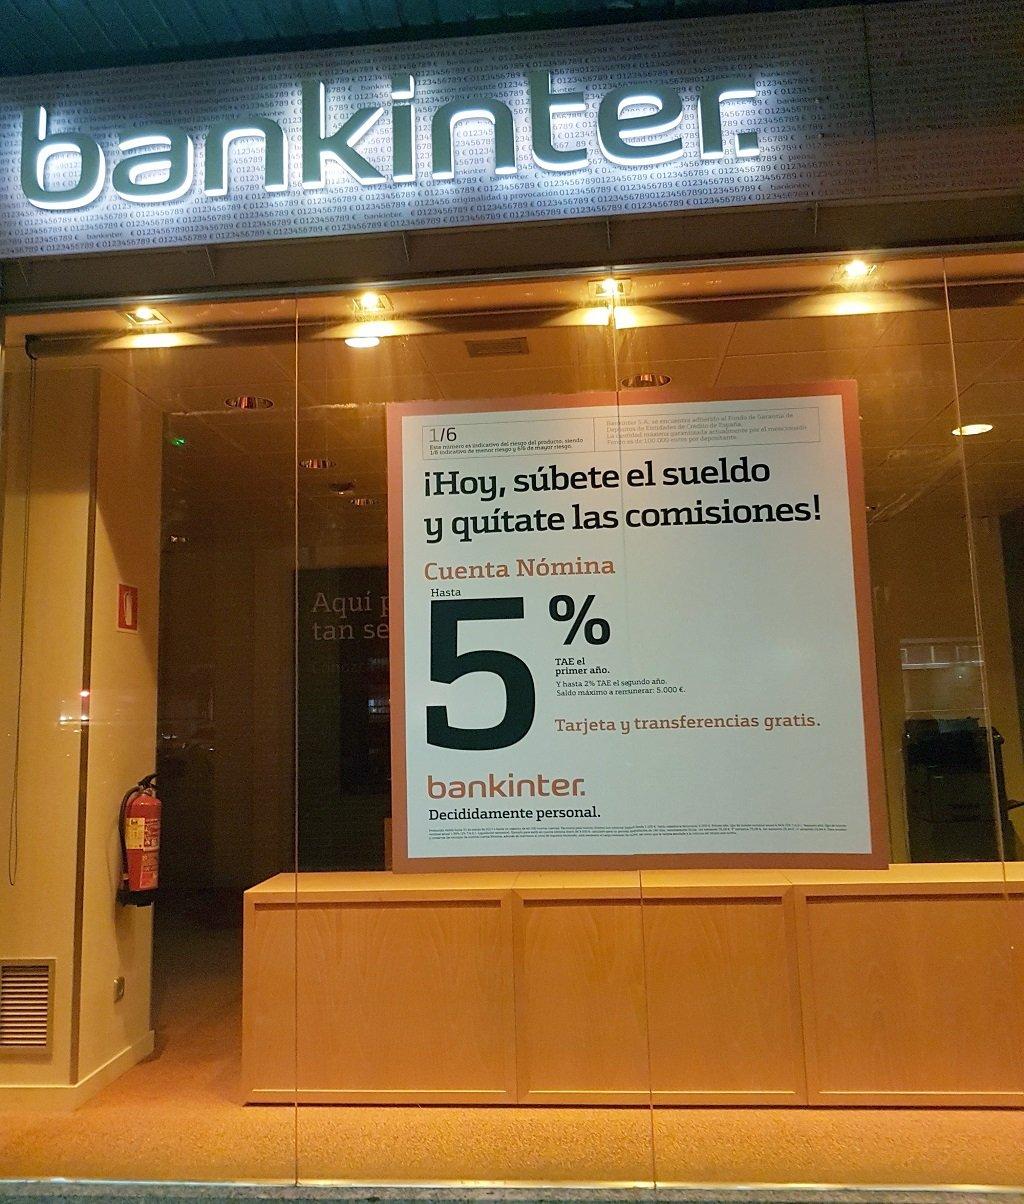 Ejemplo de publicidad en escaparates de Bankinter-Cuenta-Nomina